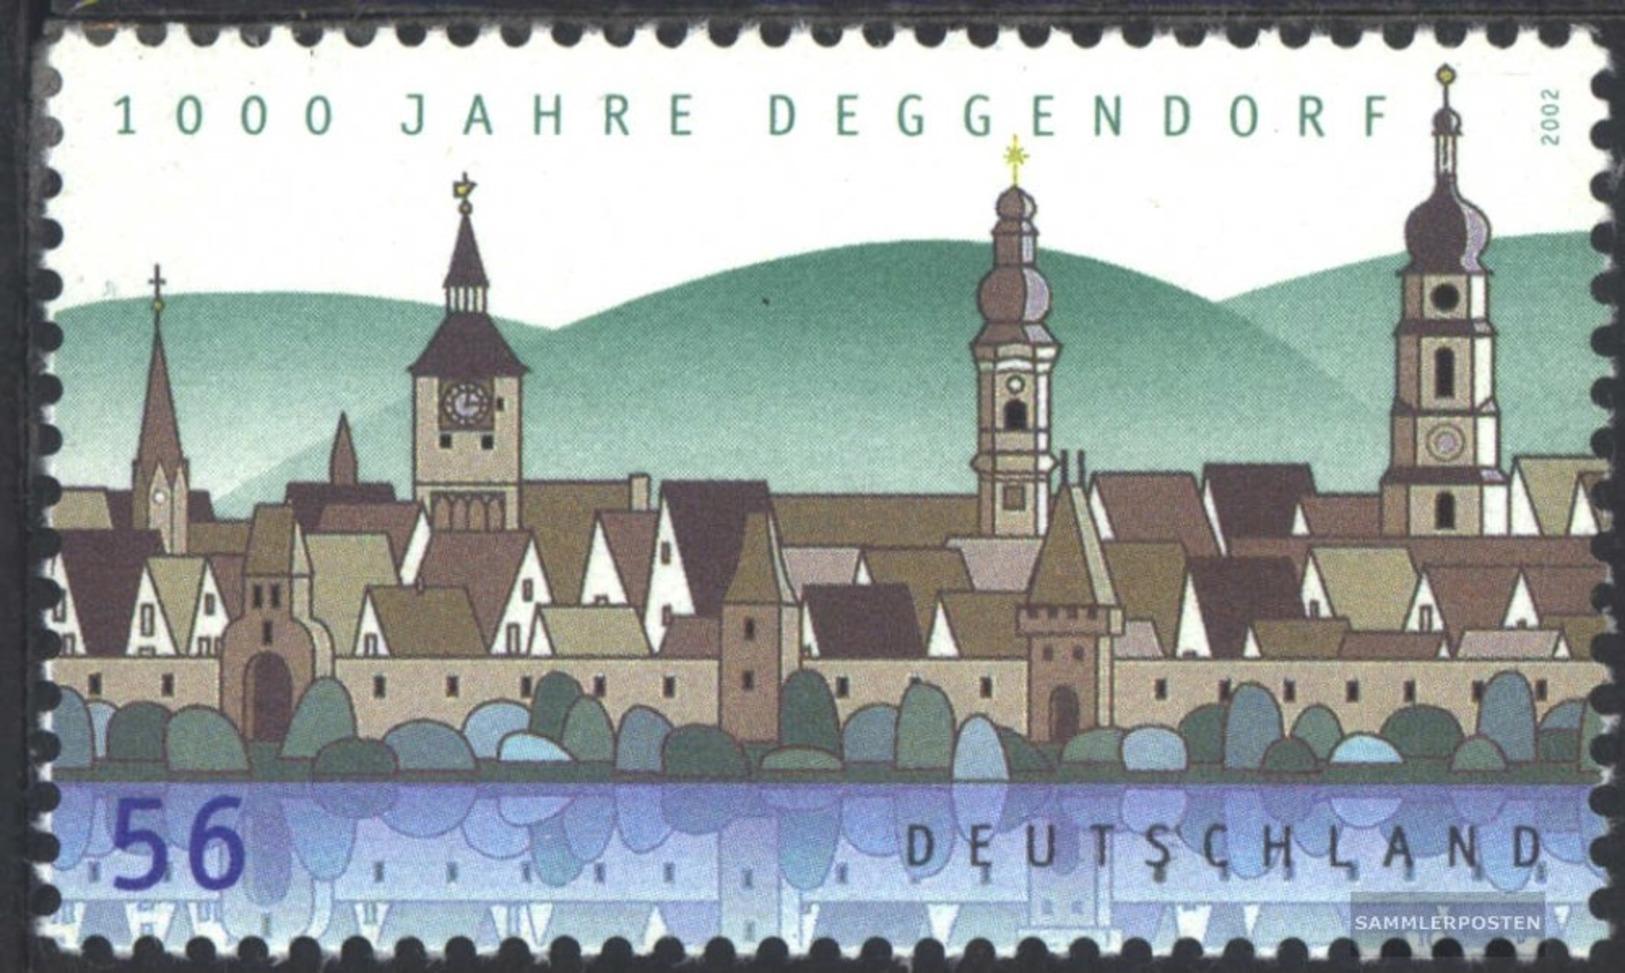 BRD (BR.Deutschland) 2244 (completa Edizione) MNH 2002 1000 Anni Deggendorf - Nuevos